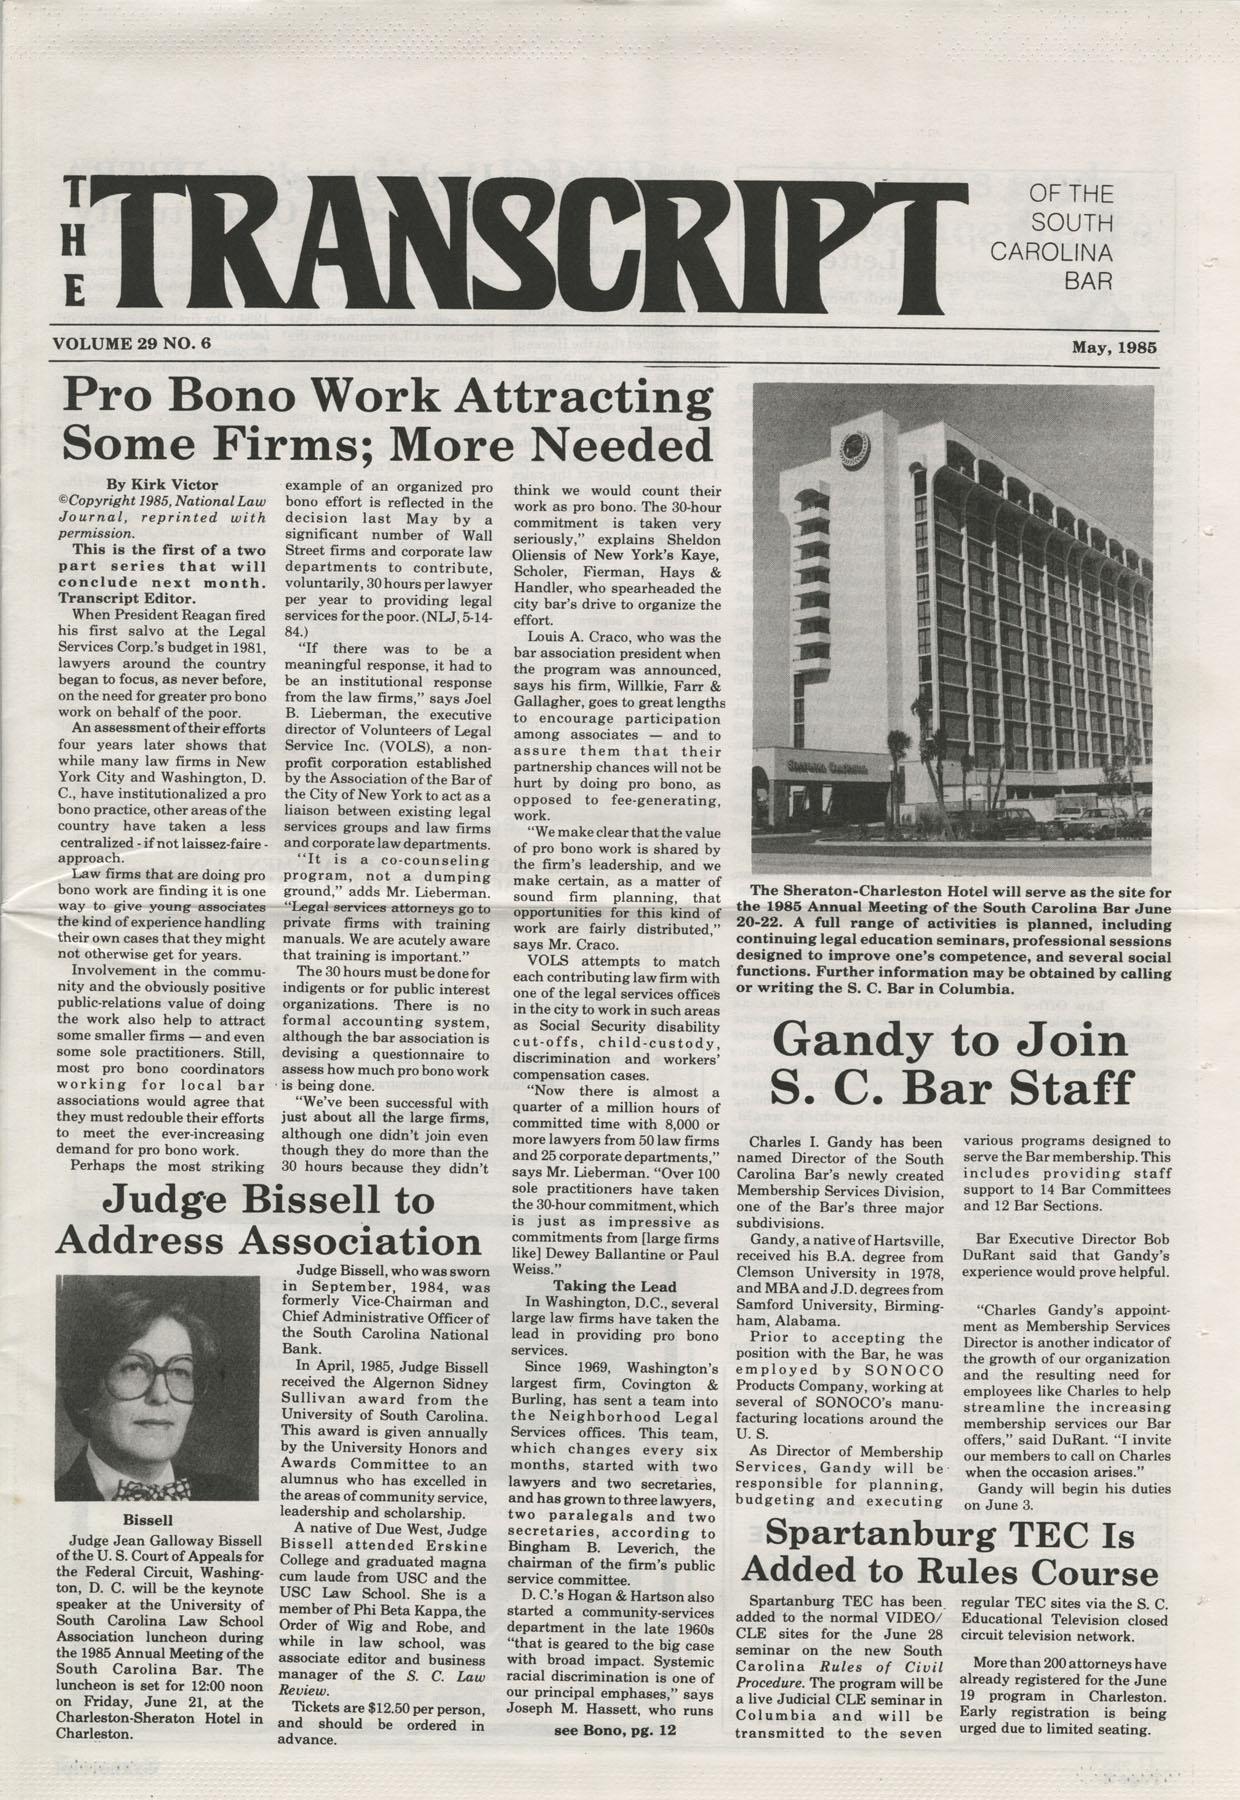 The Transcript of the South Carolina Bar, Vol. 29 No. 6, May 1985, Page 1